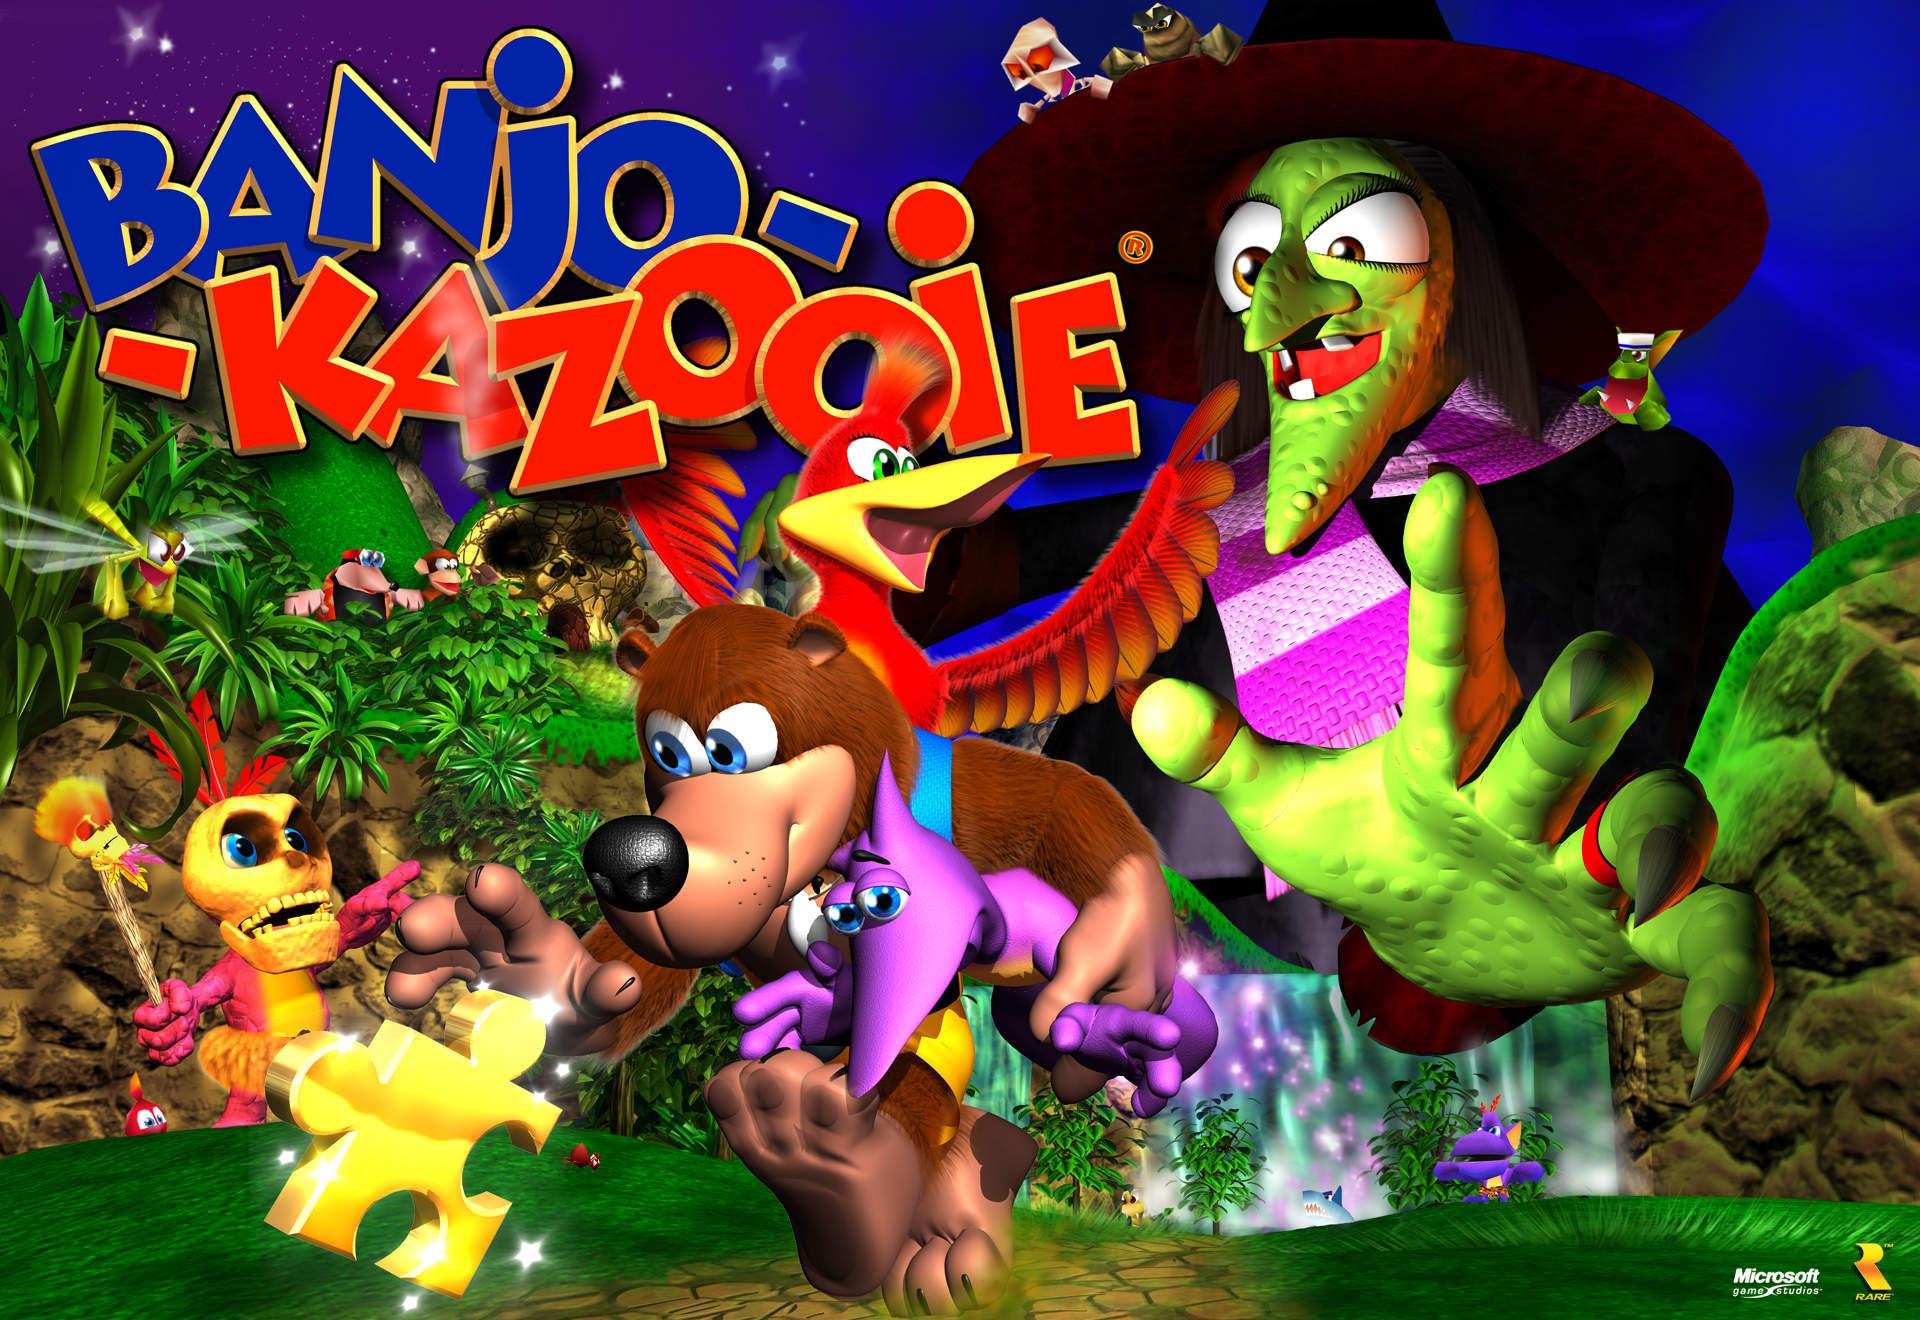 """Compositor dá a deixa para 2015: """"Este será um GRANDE ano para a Rare"""" Banjo-Kazooie"""